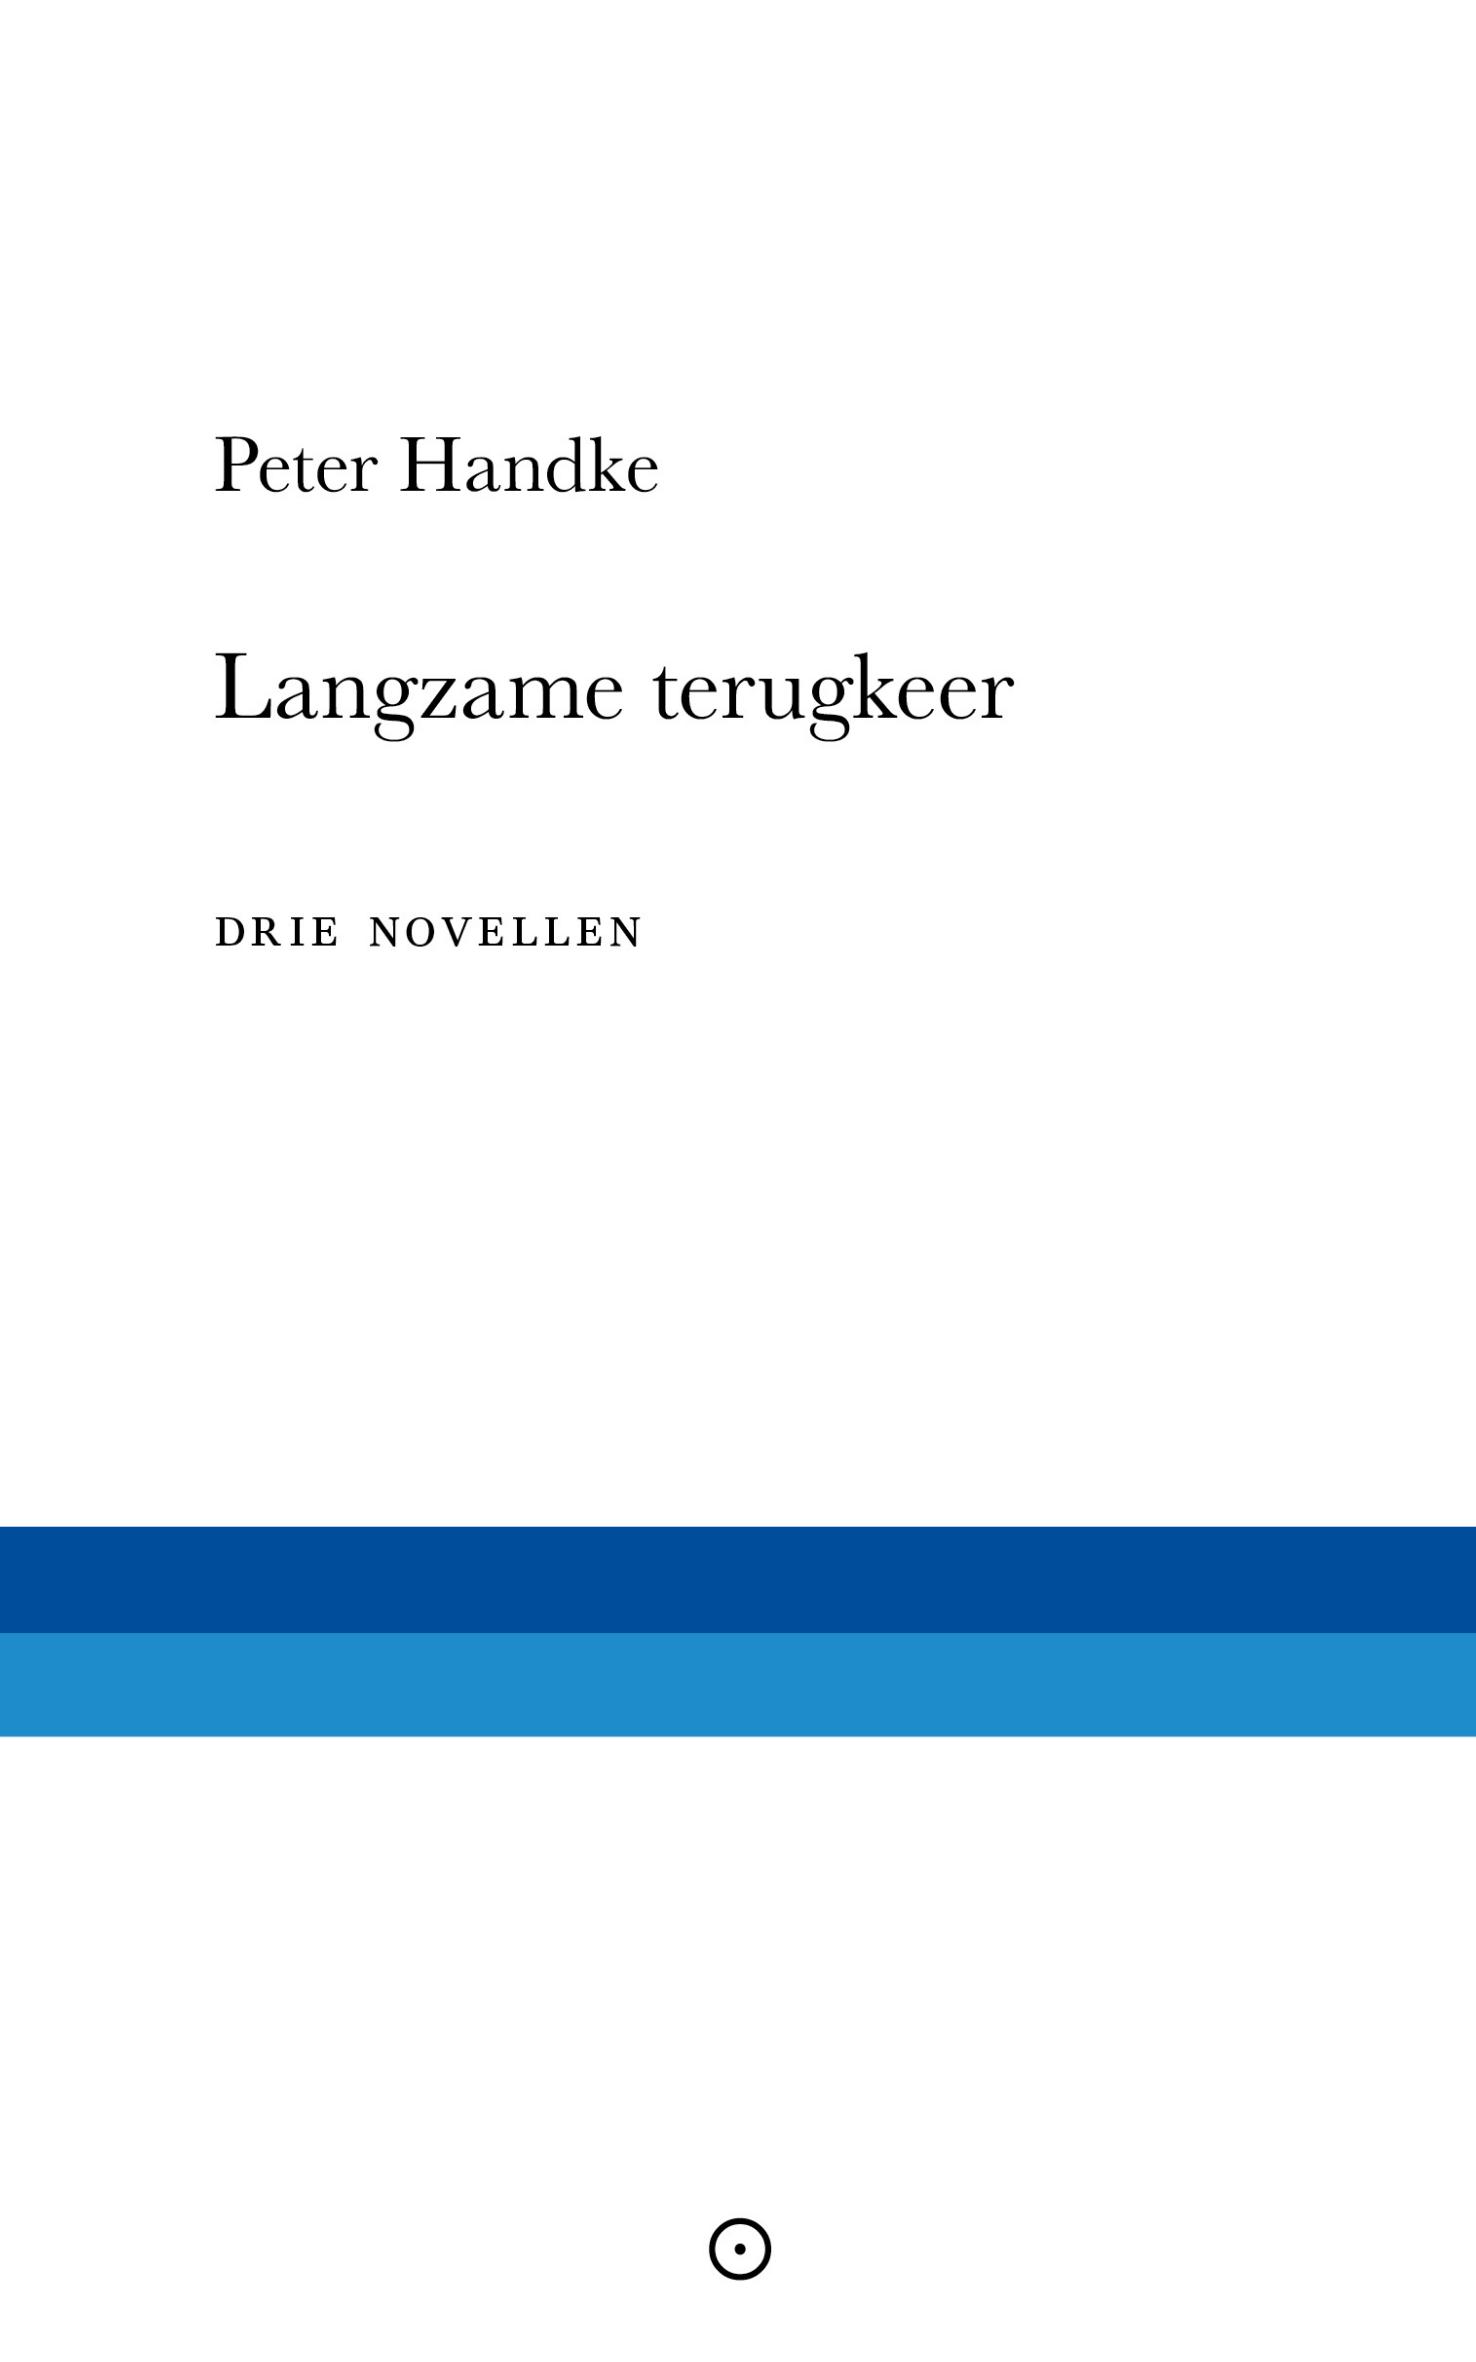 Langzame terugkeer – Peter Handke